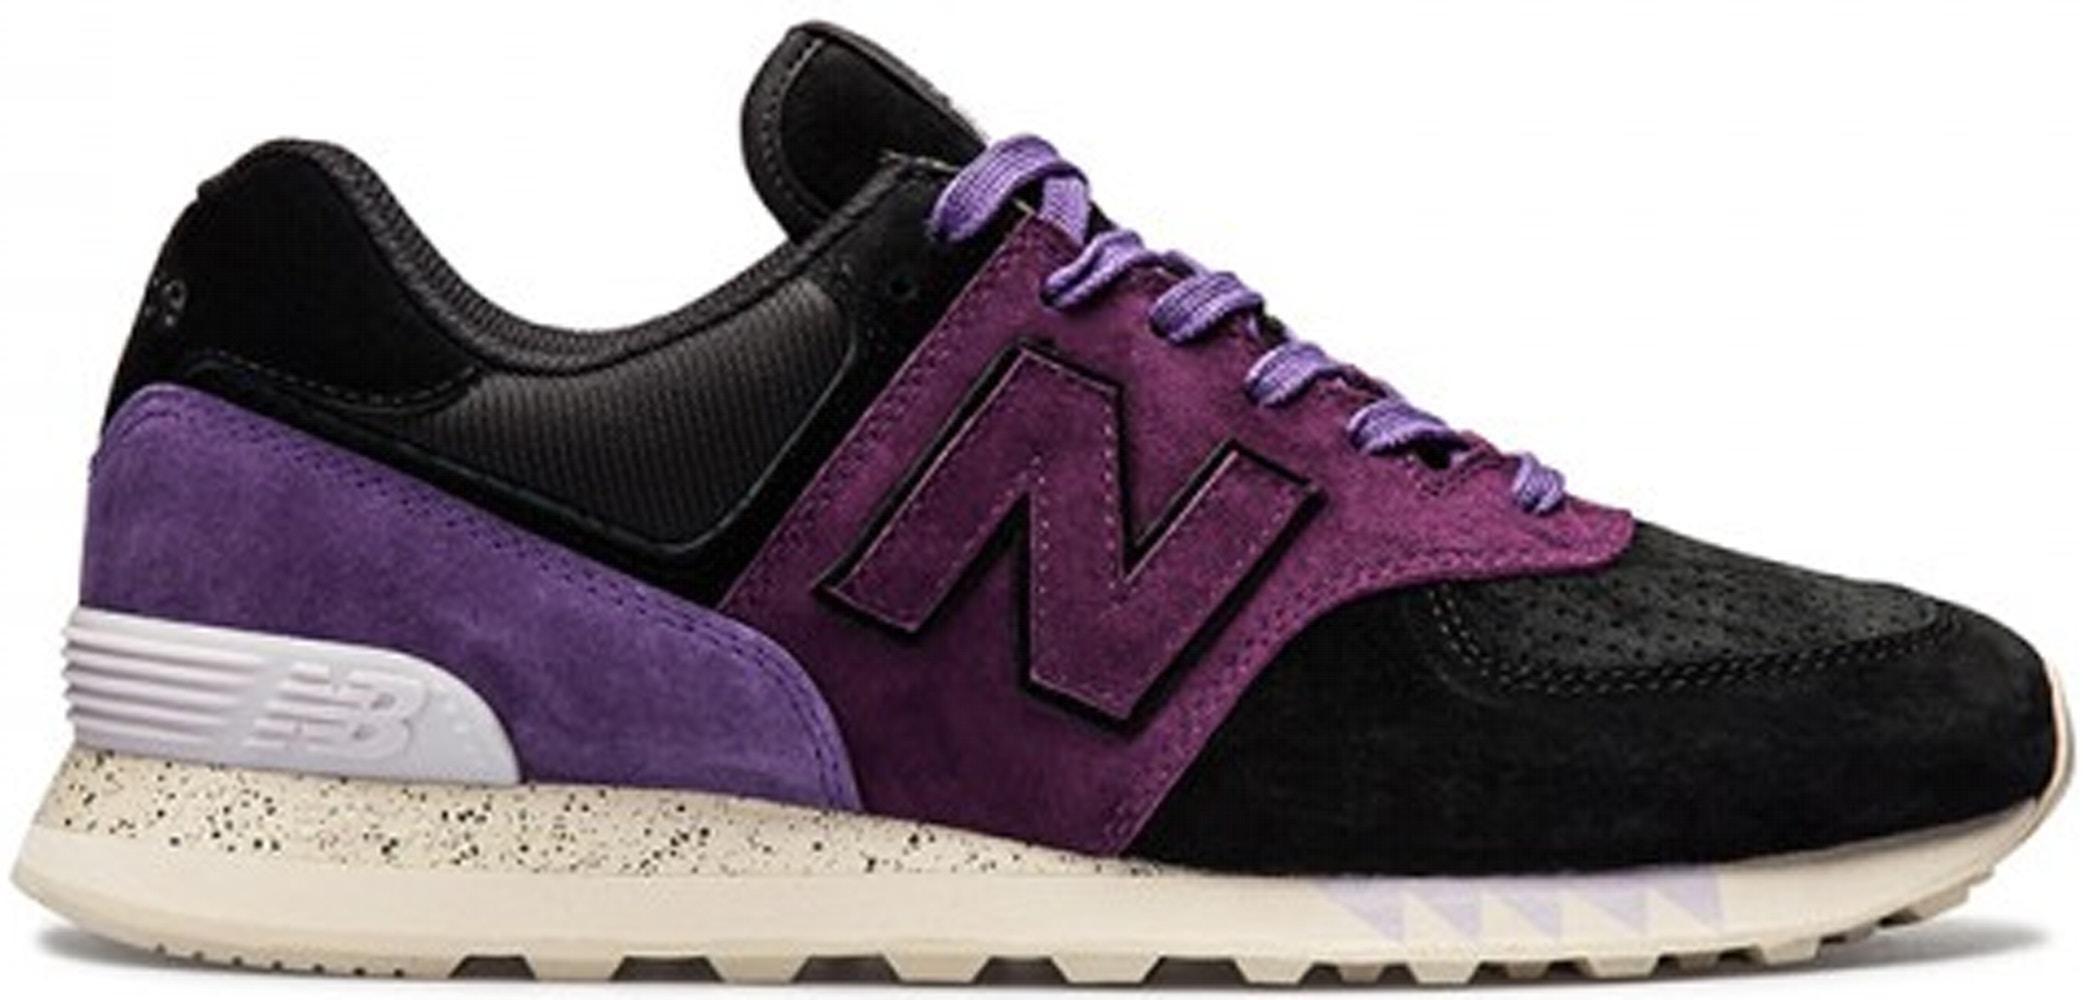 New Balance 574 Sneaker Freaker Tassie Devil